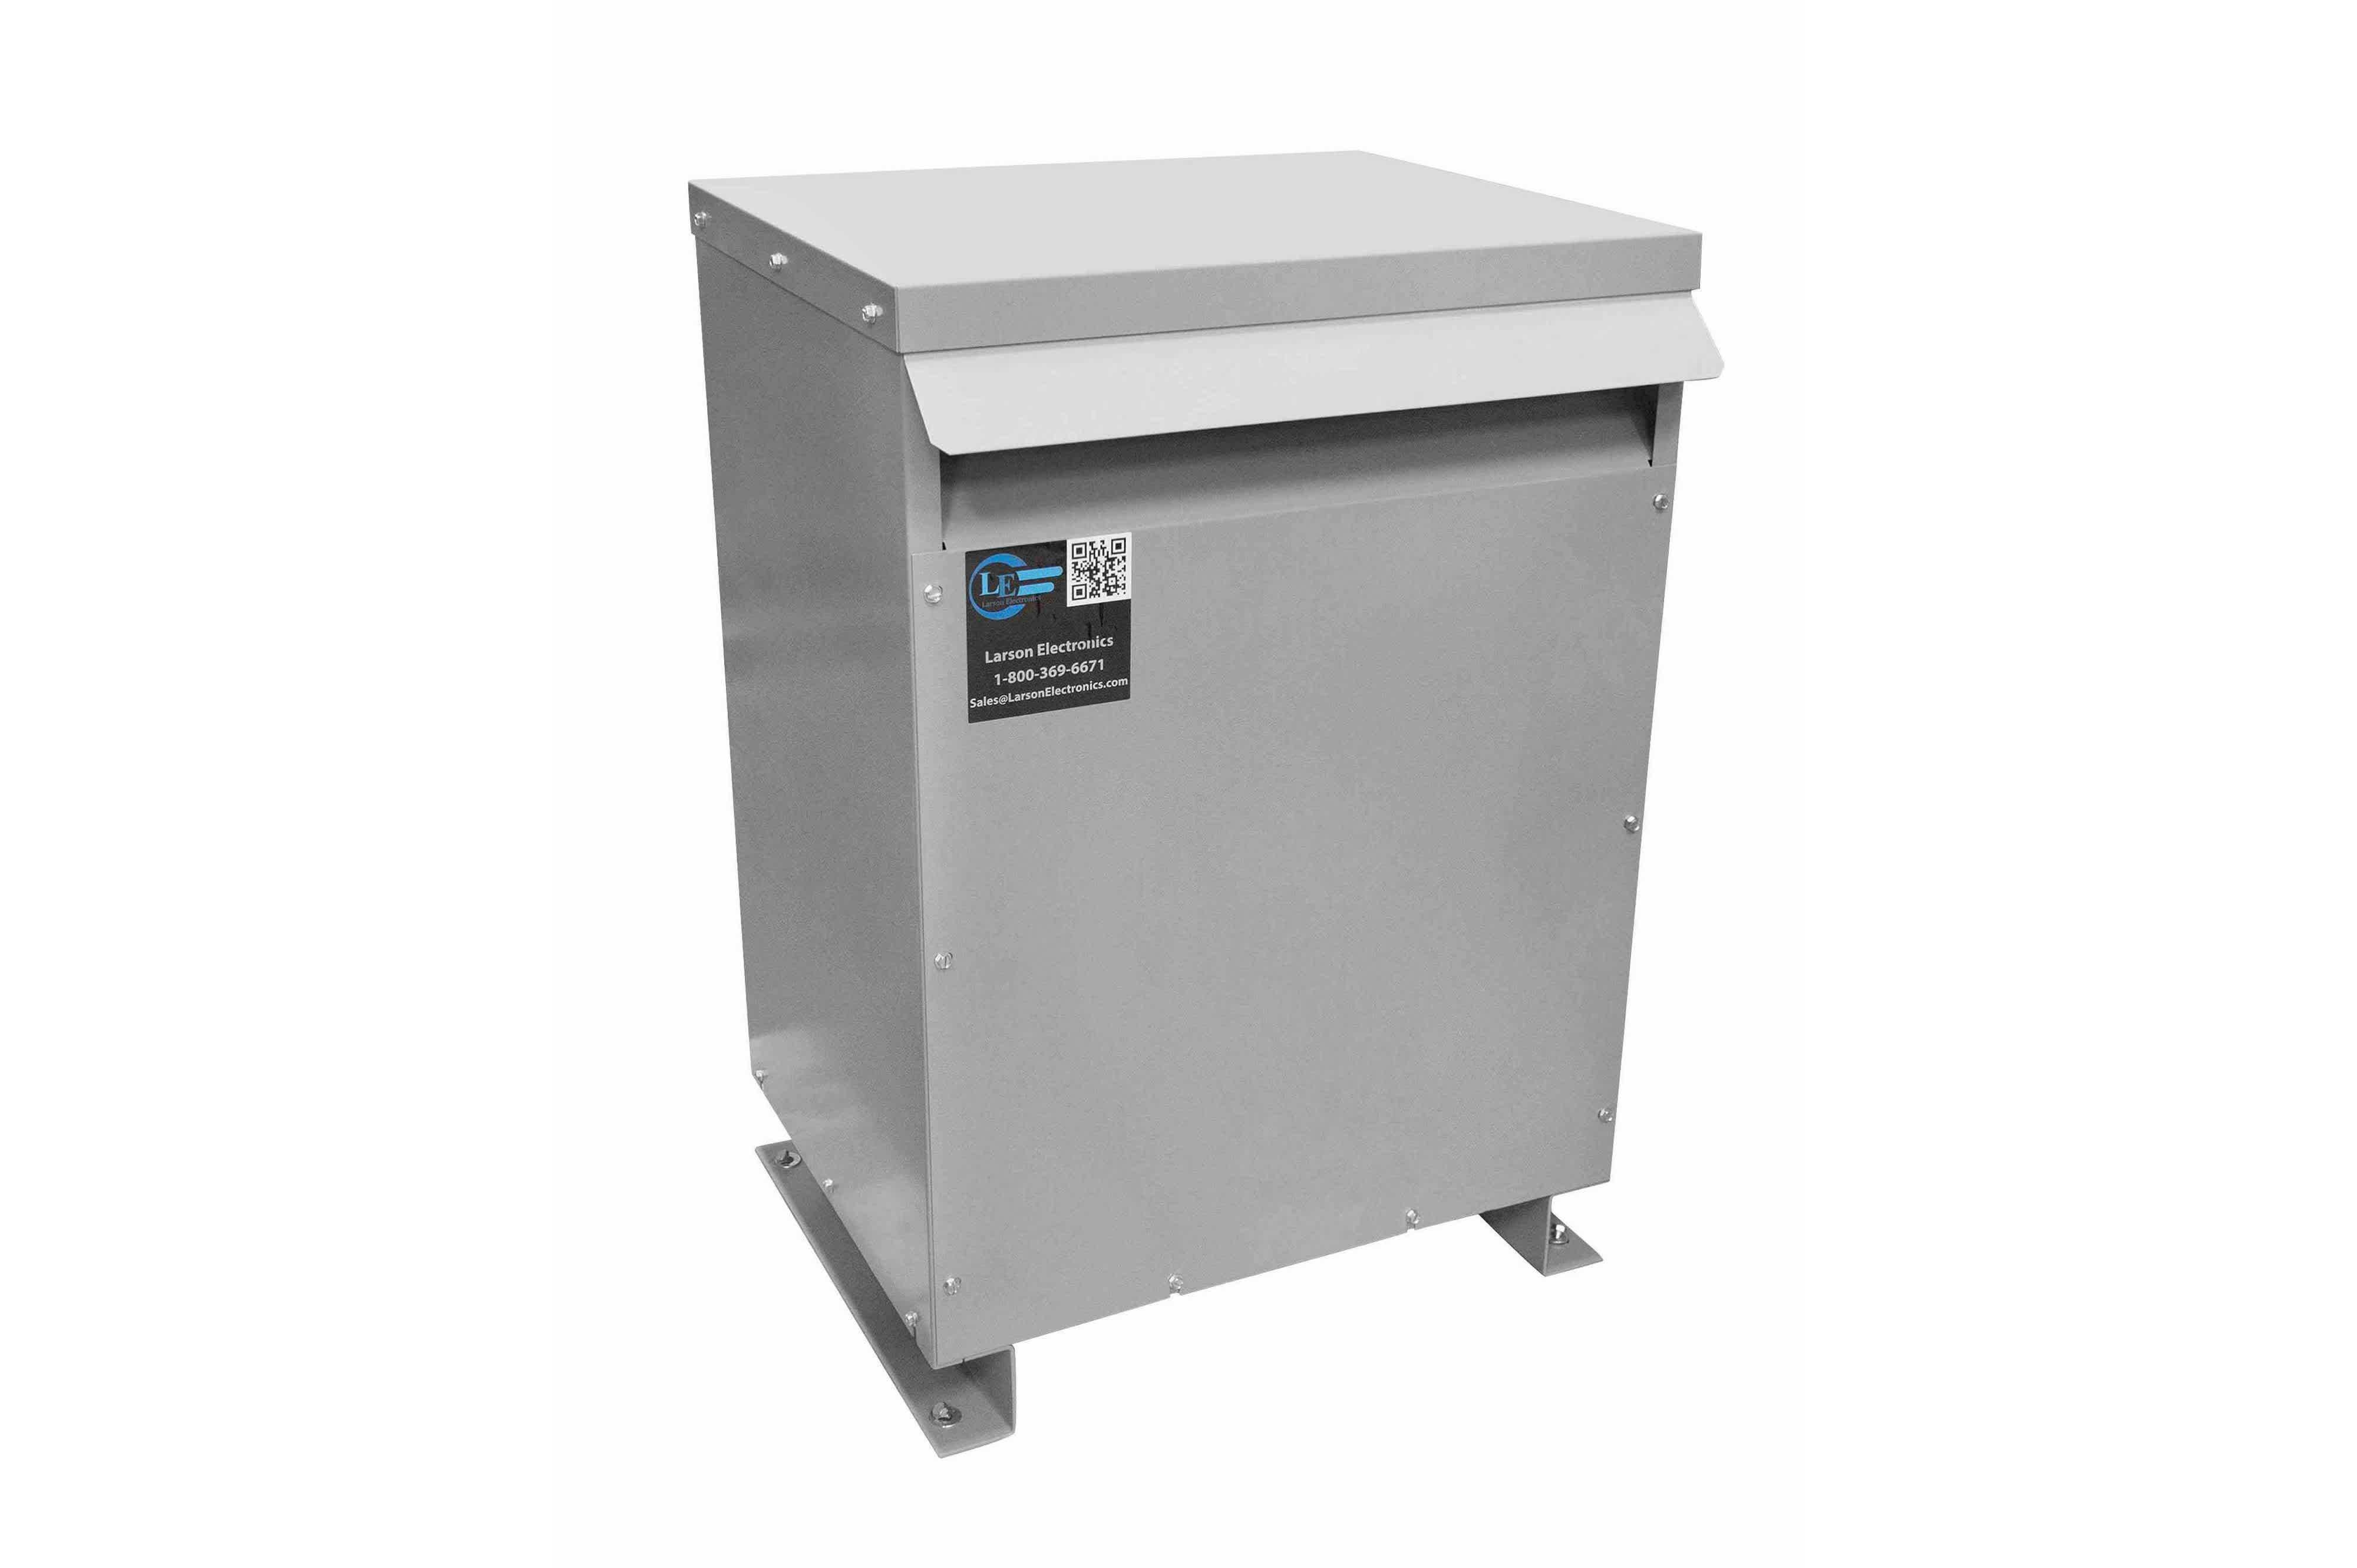 10 kVA 3PH Isolation Transformer, 600V Delta Primary, 208V Delta Secondary, N3R, Ventilated, 60 Hz